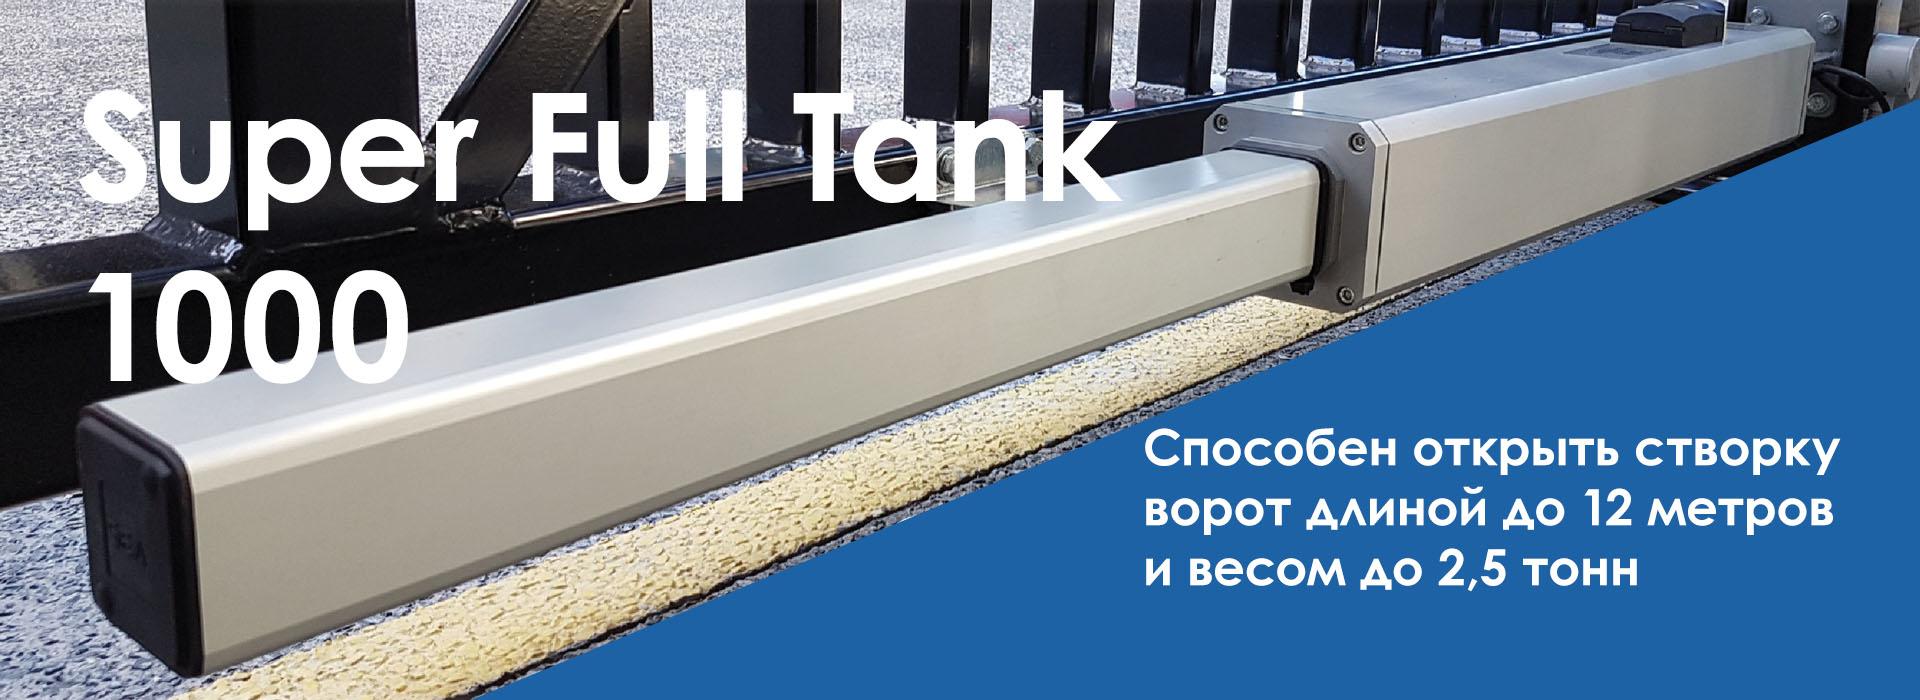 Линейный привод распашных ворот SEA Super Full Tank в Москве эксклюзивно в Элит Солюшнс